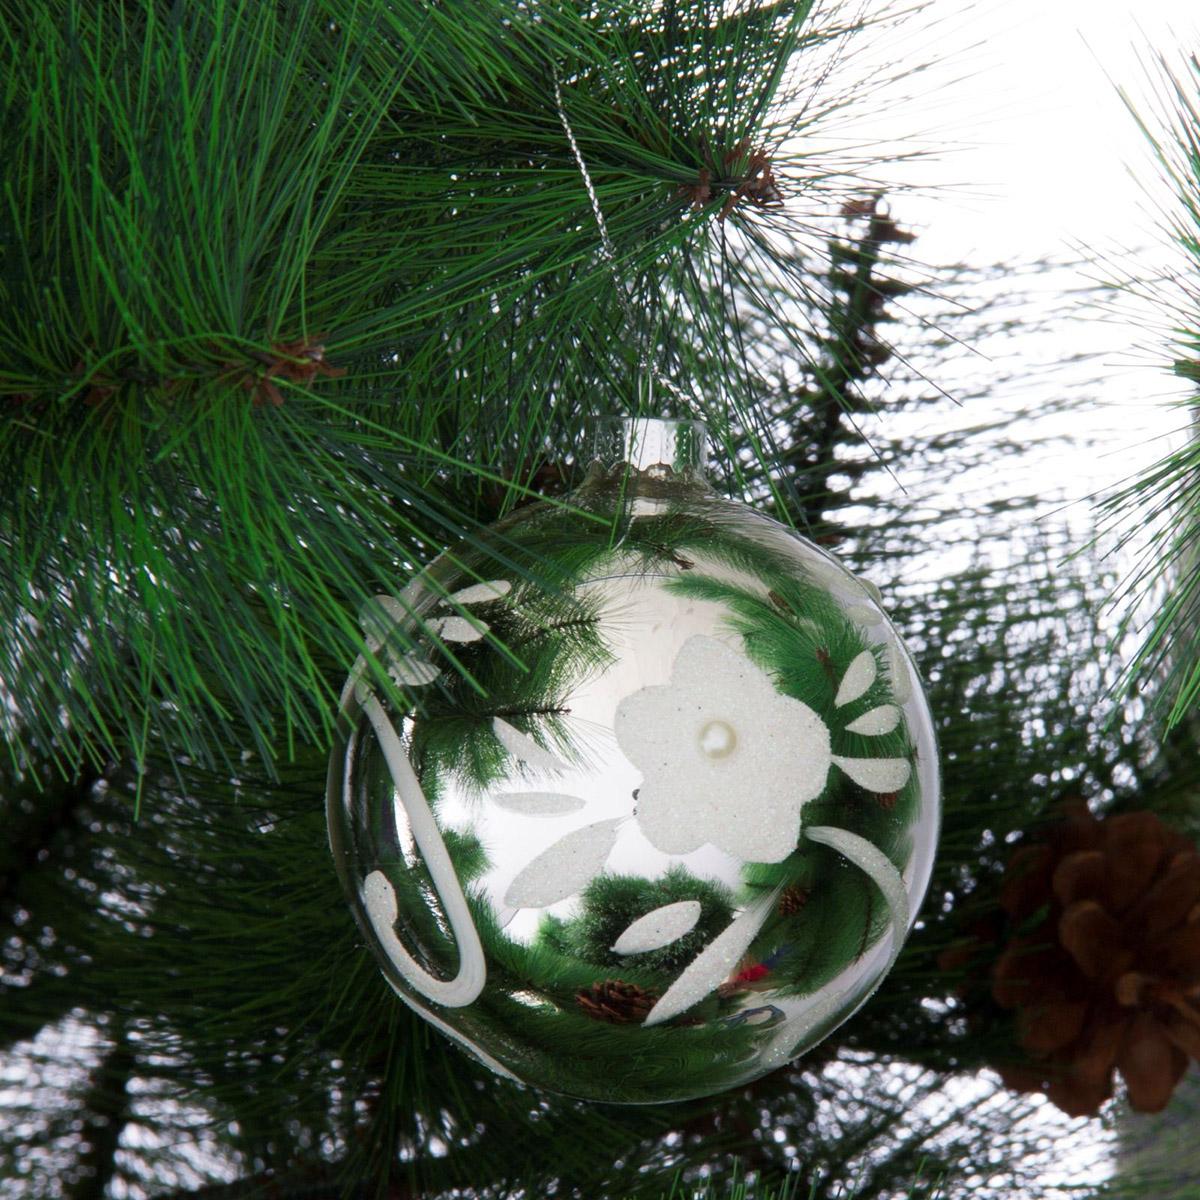 Новогоднее подвесное украшение Sima-land Цветочный всплеск, диаметр 8 см новогоднее подвесное украшение sima land счастья 185494